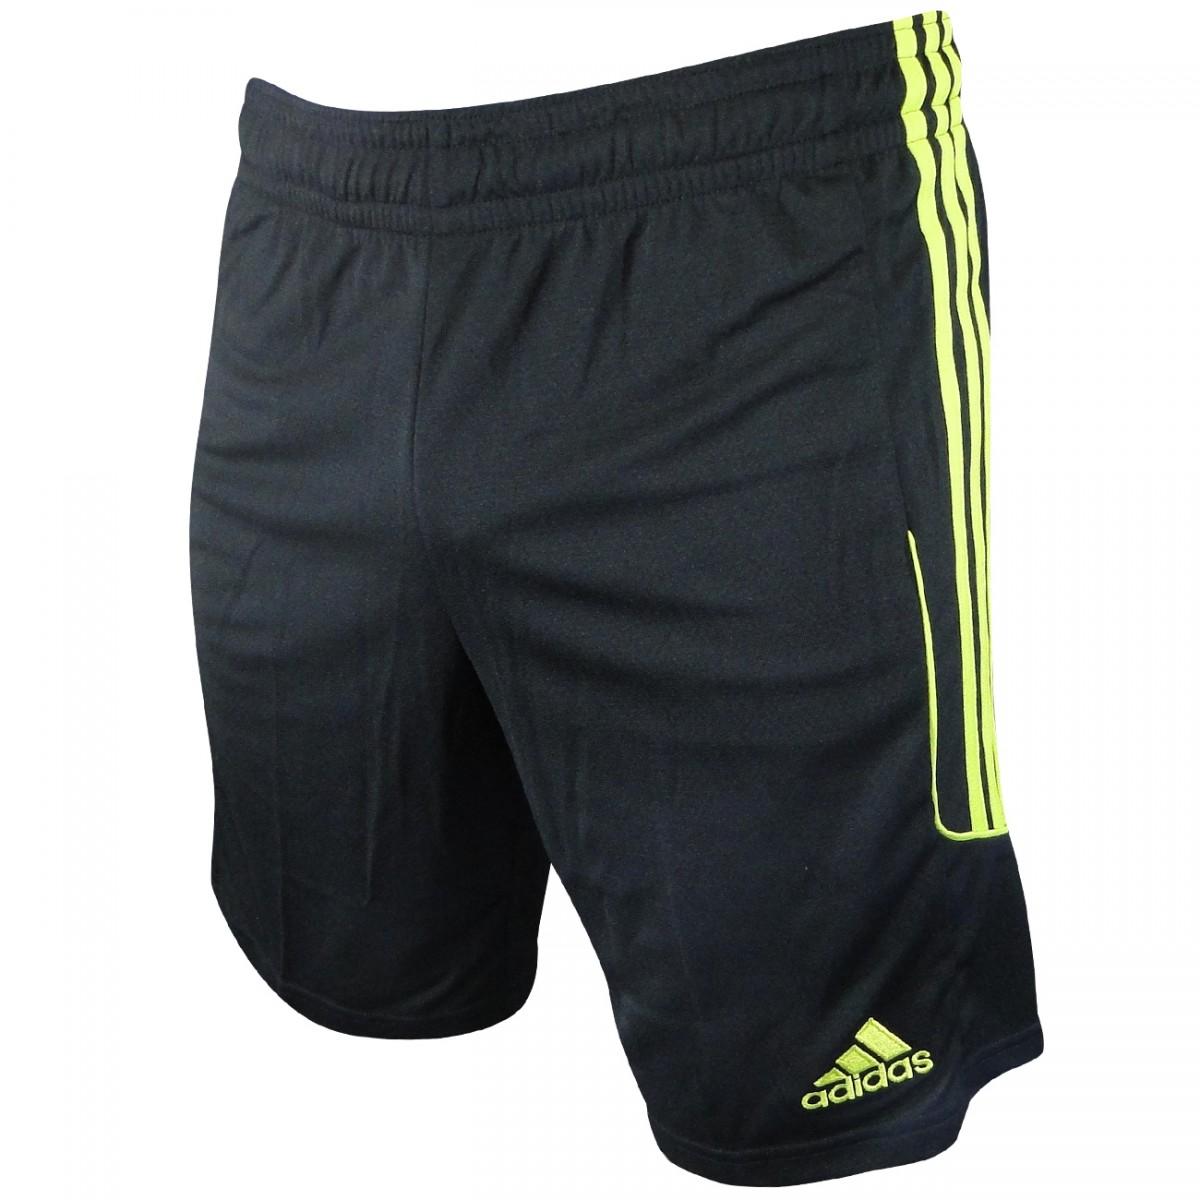 Calção Adidas Squadra 13 G90566 - Preto Limão - Chuteira Nike ... 5b87e1d55a904